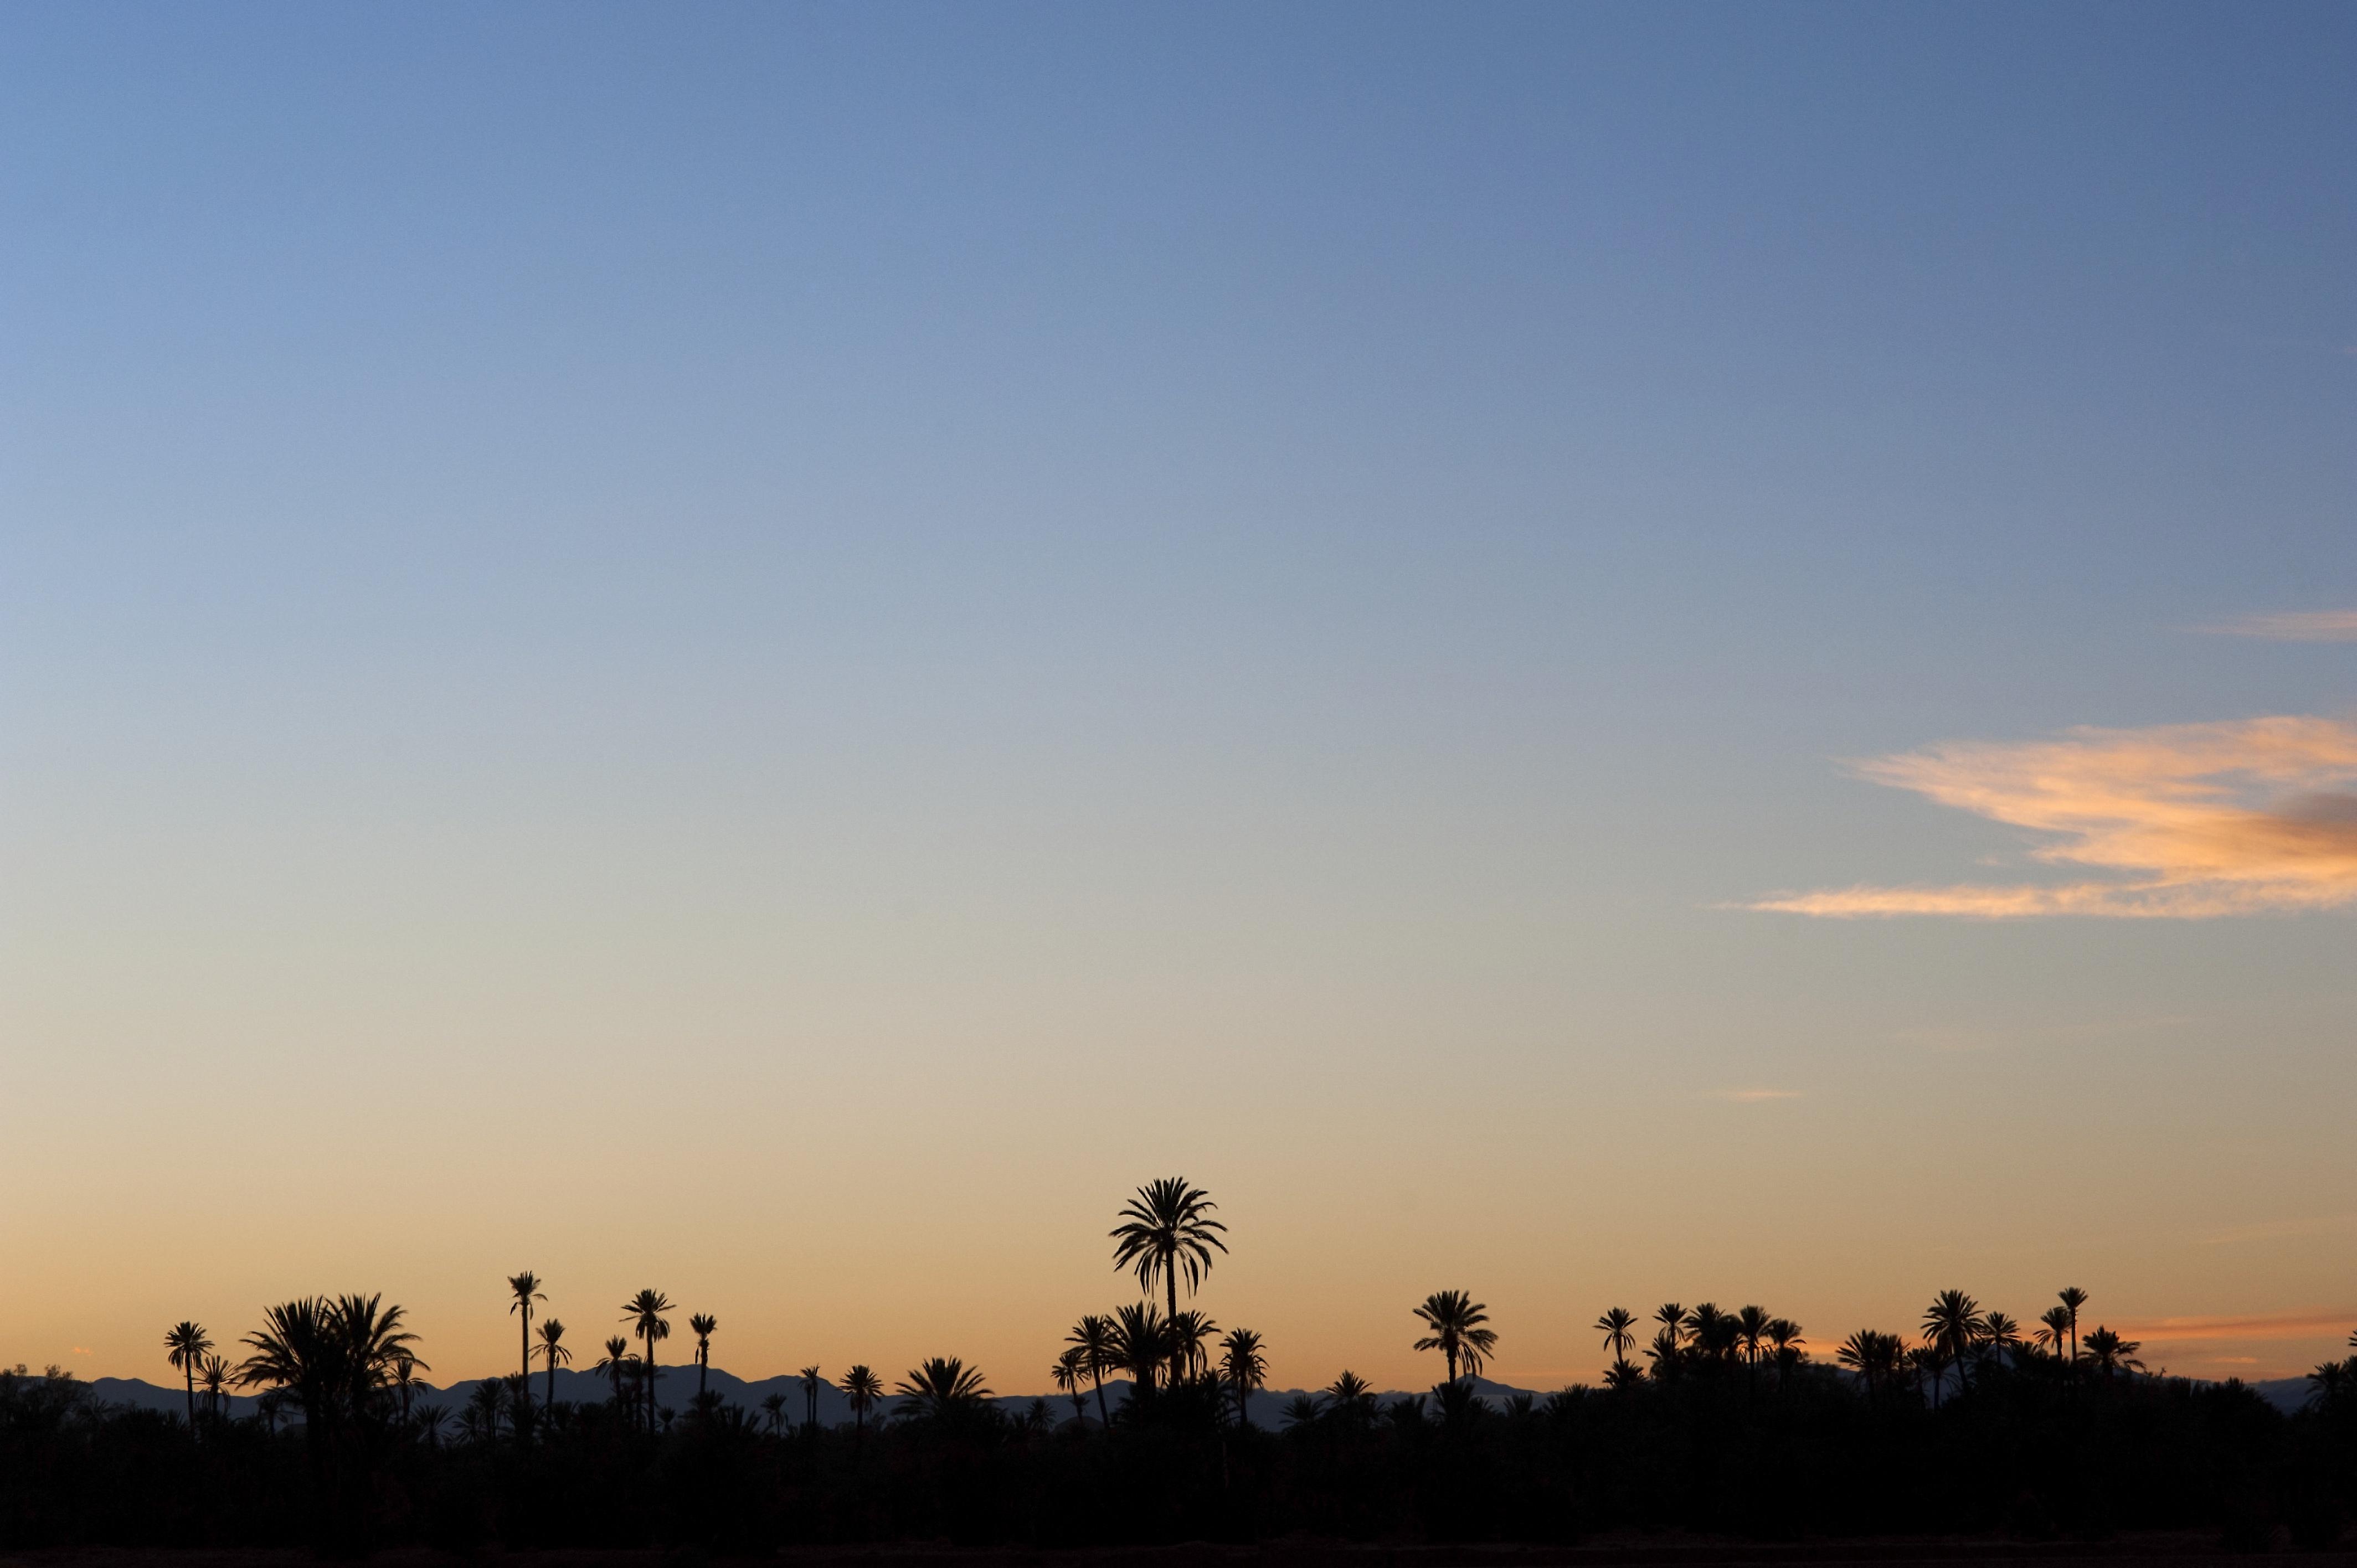 Skoura sunset & silhouettes